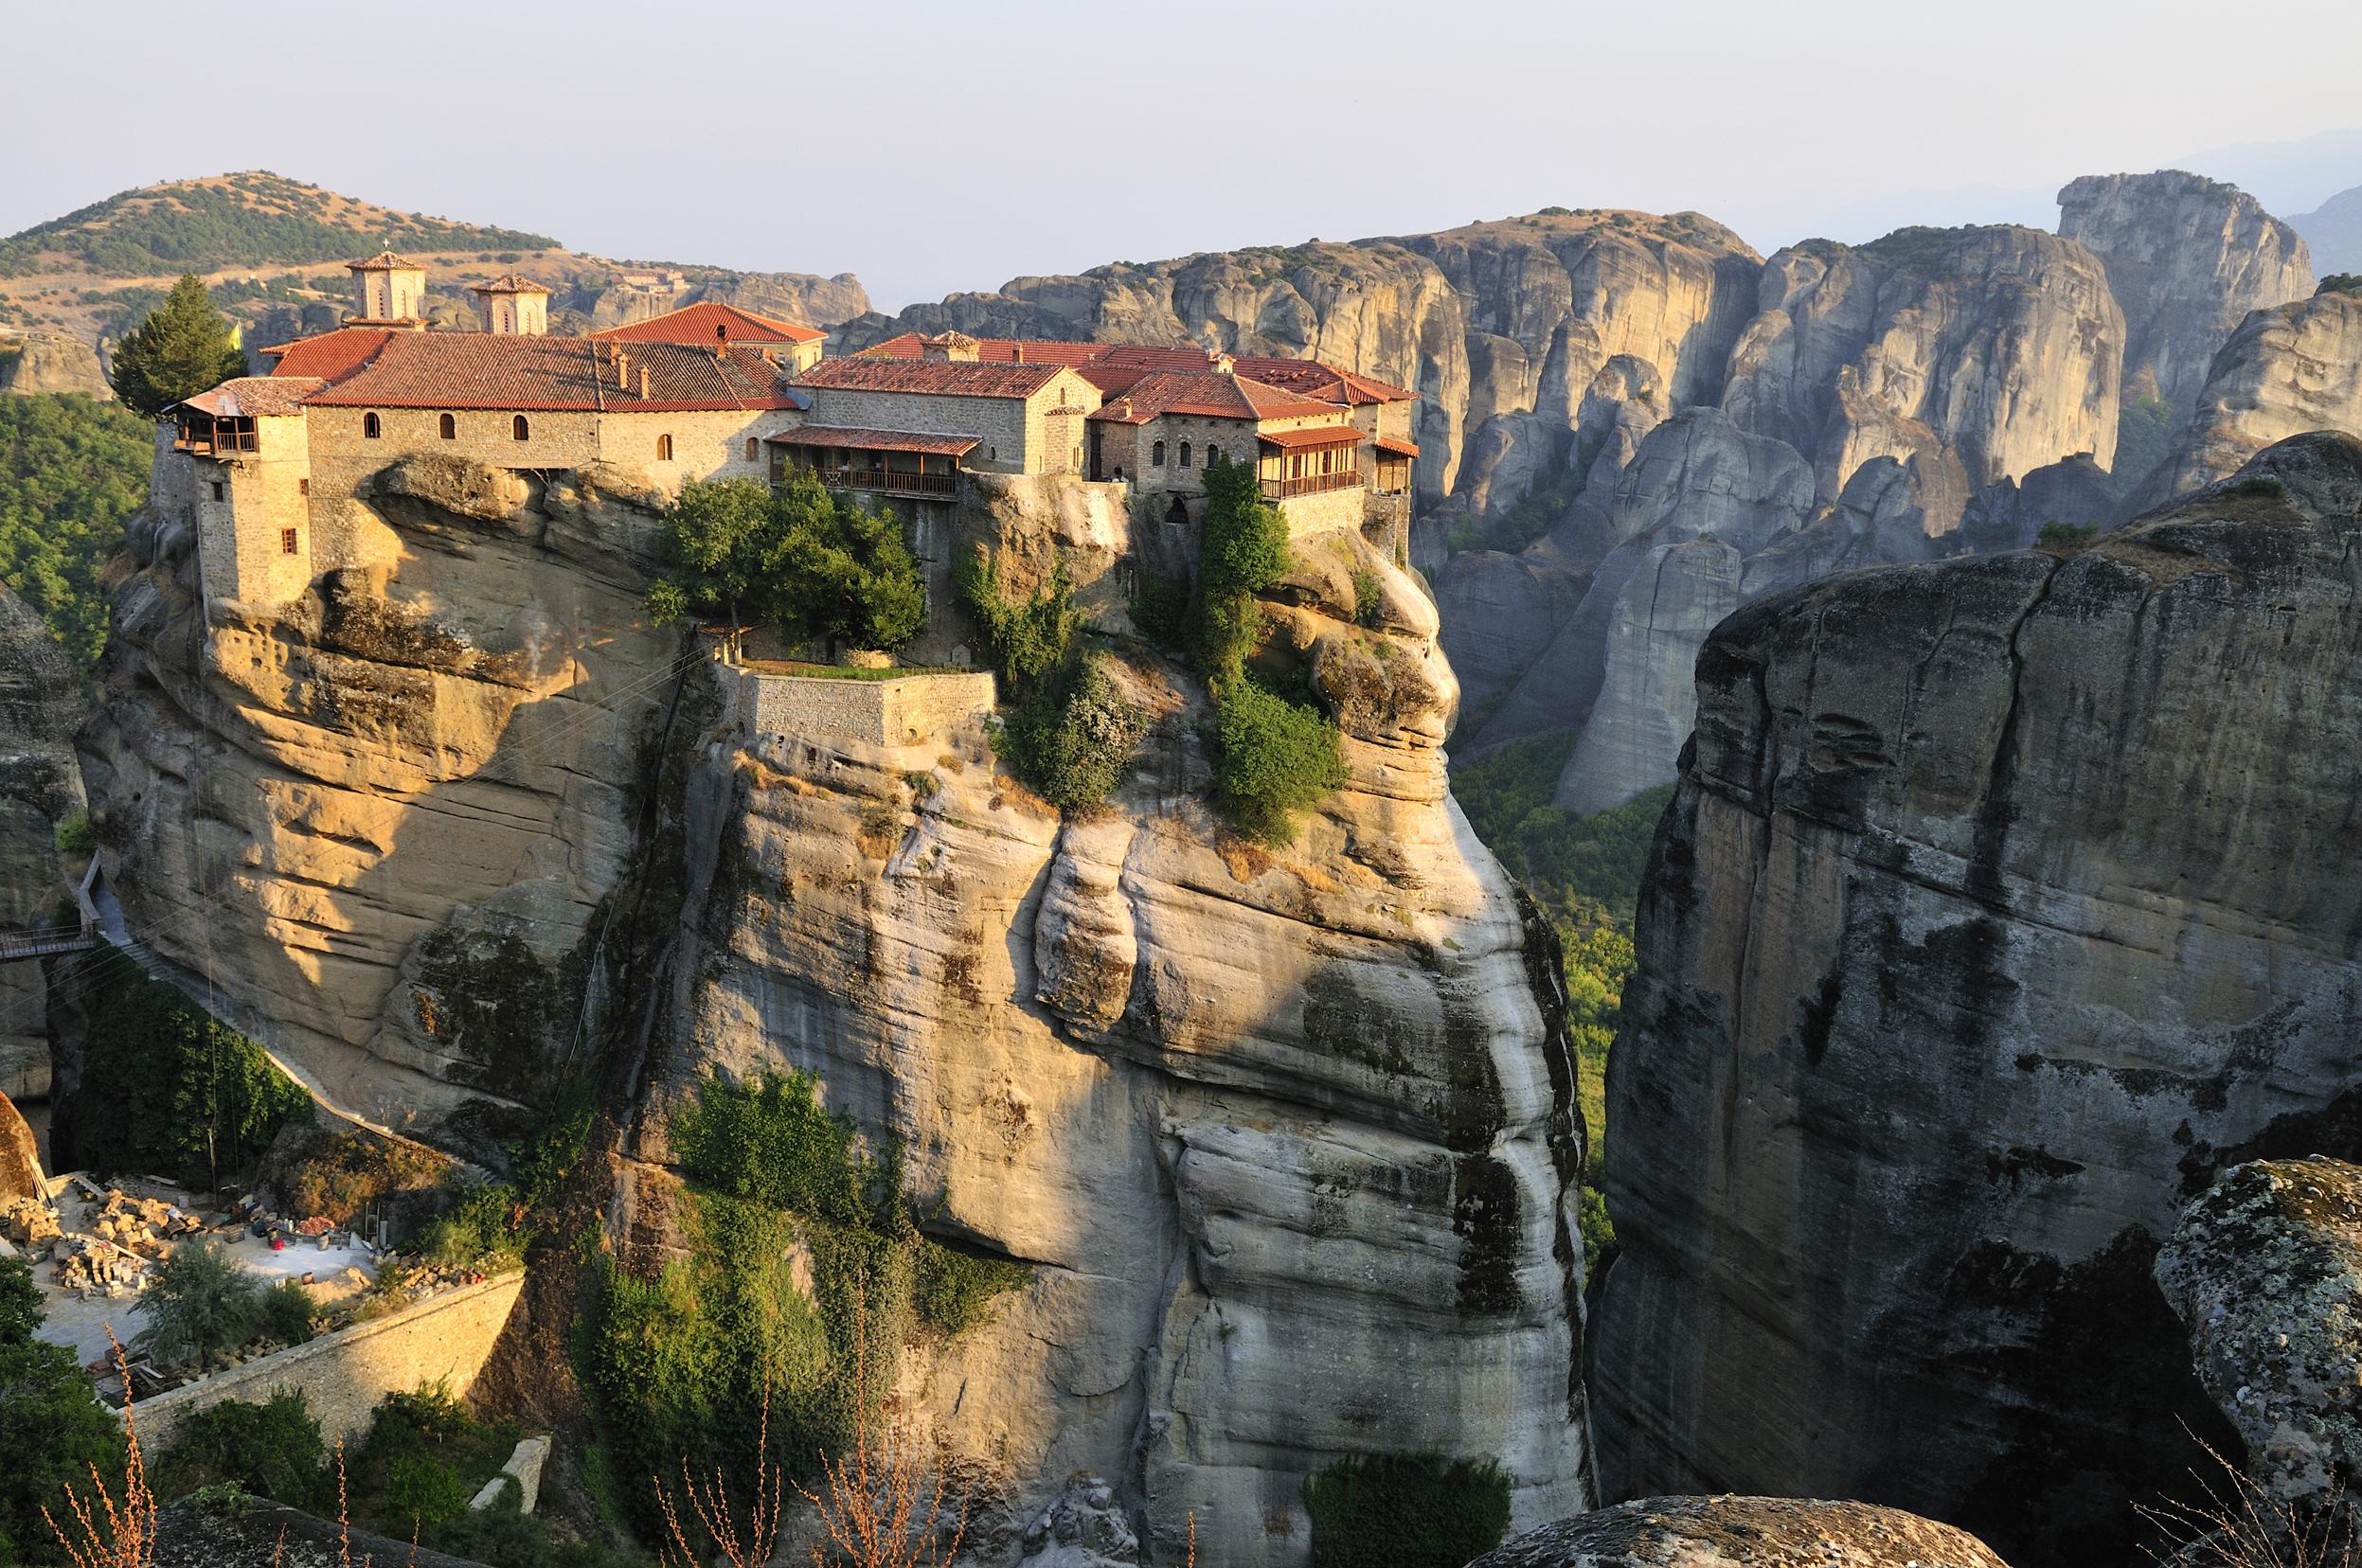 Siéntete en otro mundo en Meteora - Grecia Circuito Grecia Milenaria y Santorini